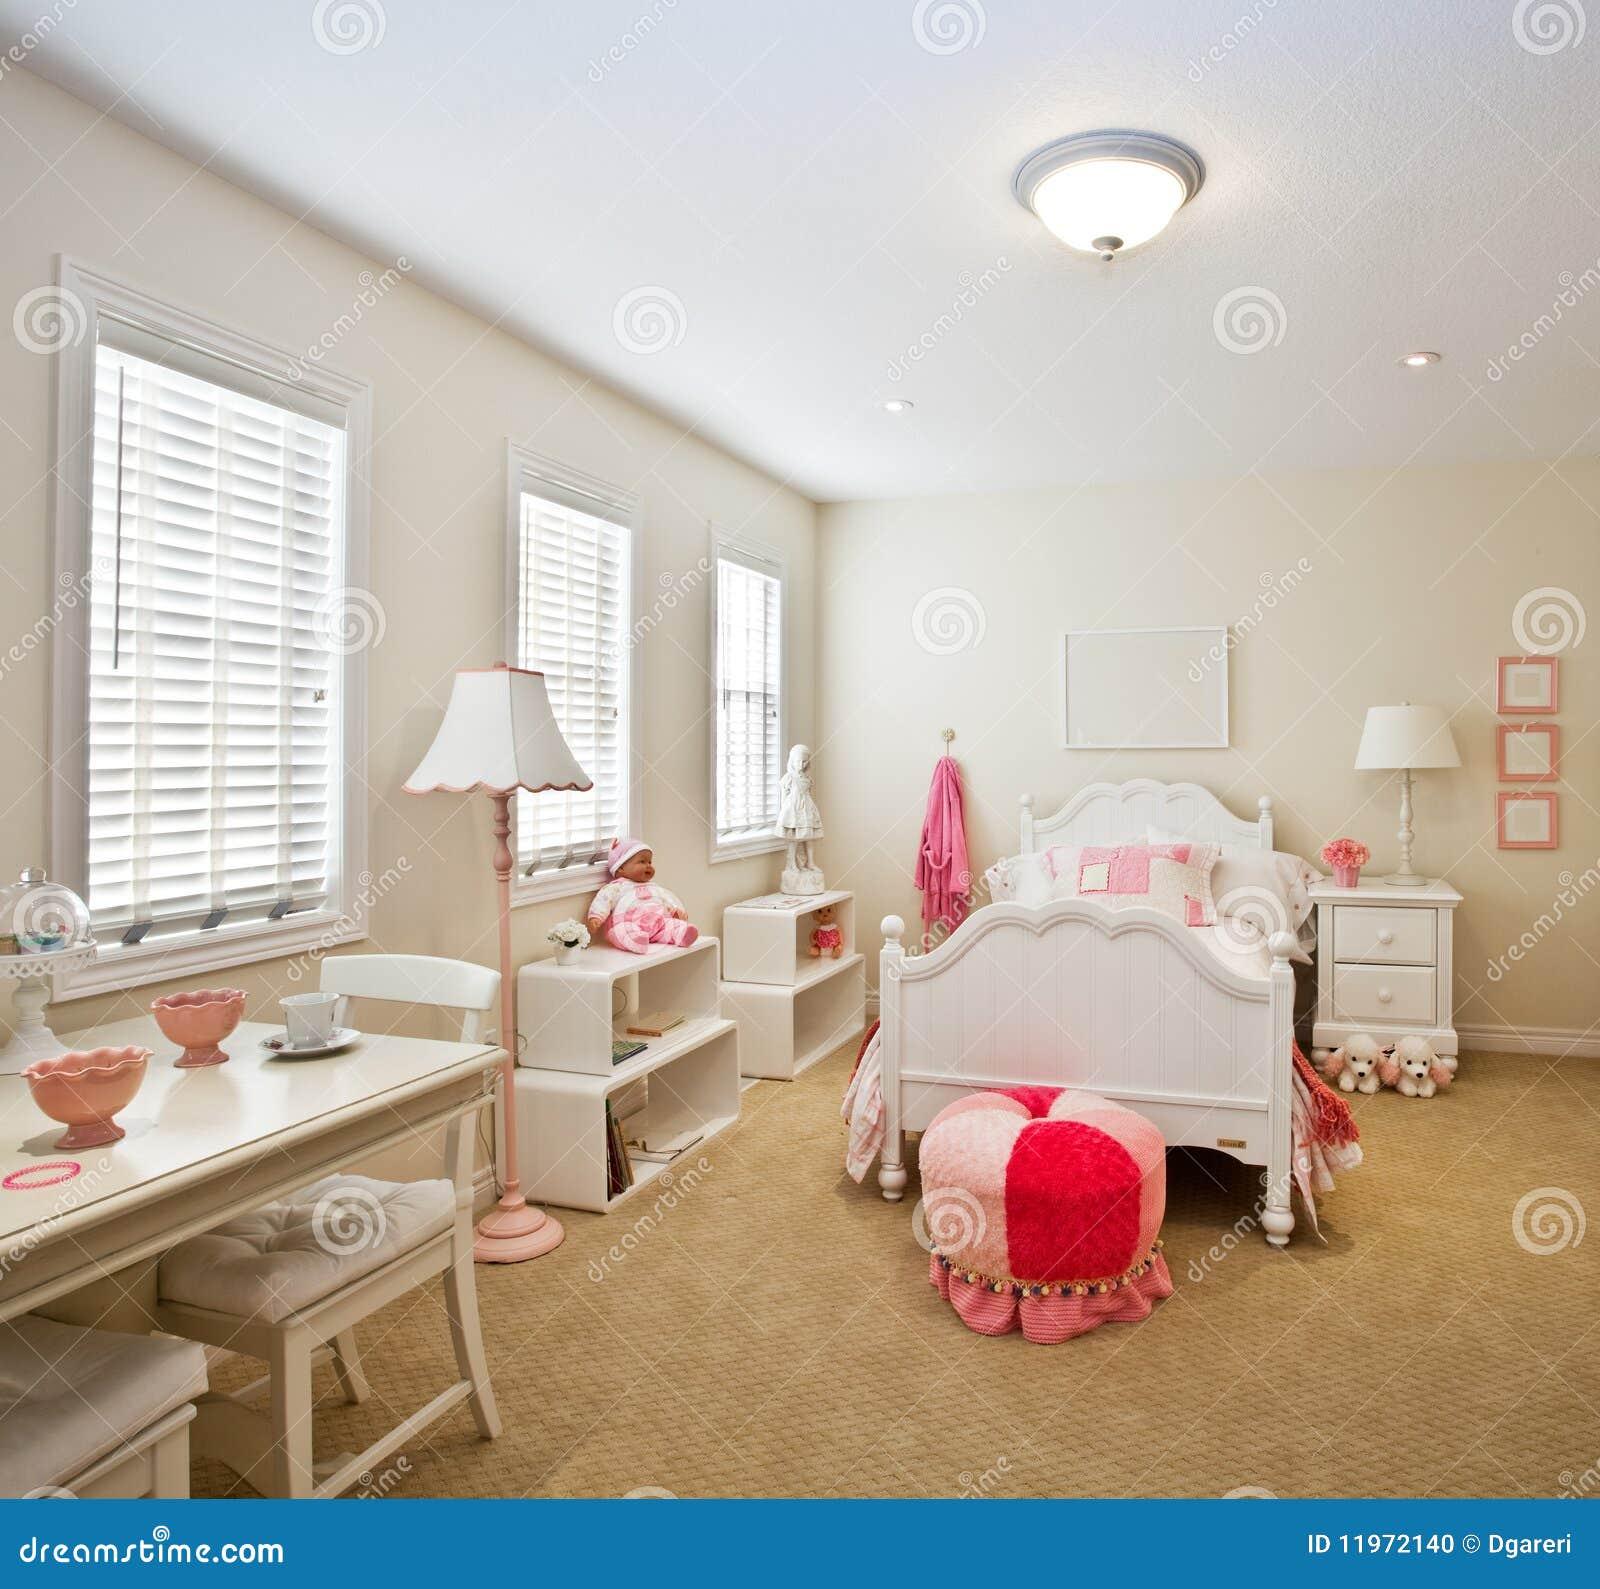 de slaapkamer van het kind